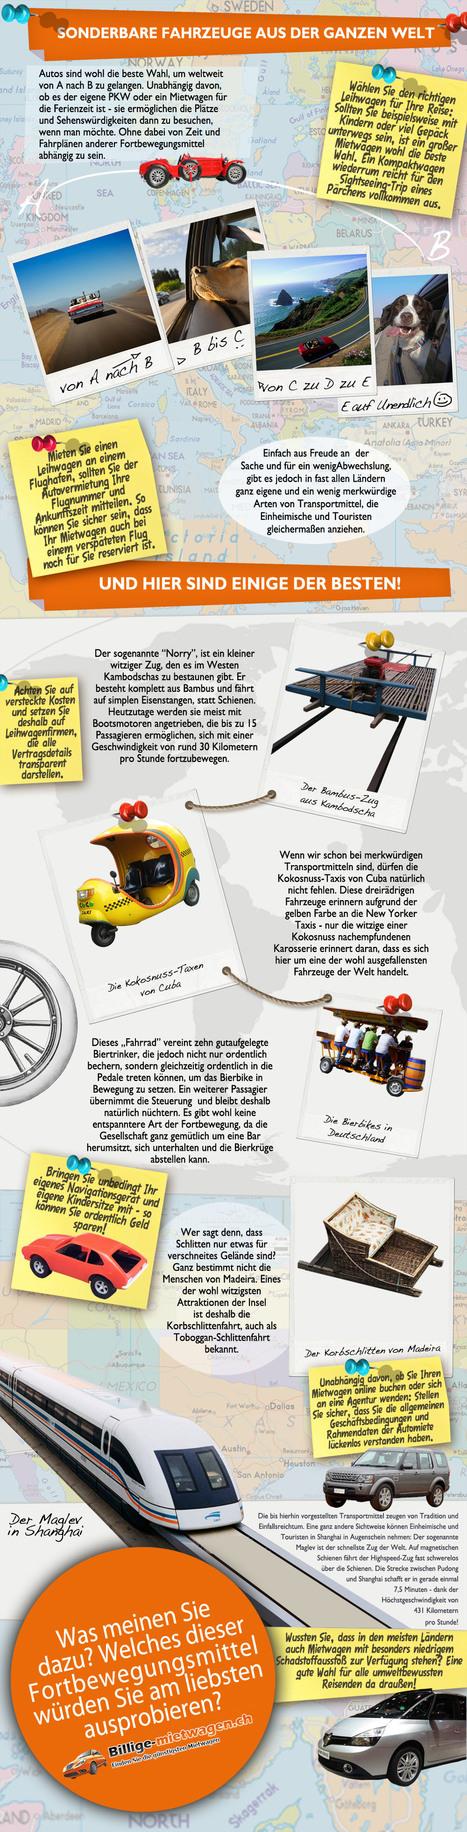 Buchen Sie Mietautos auf Billigemietwagen.ch | Colour Label Printers | Scoop.it